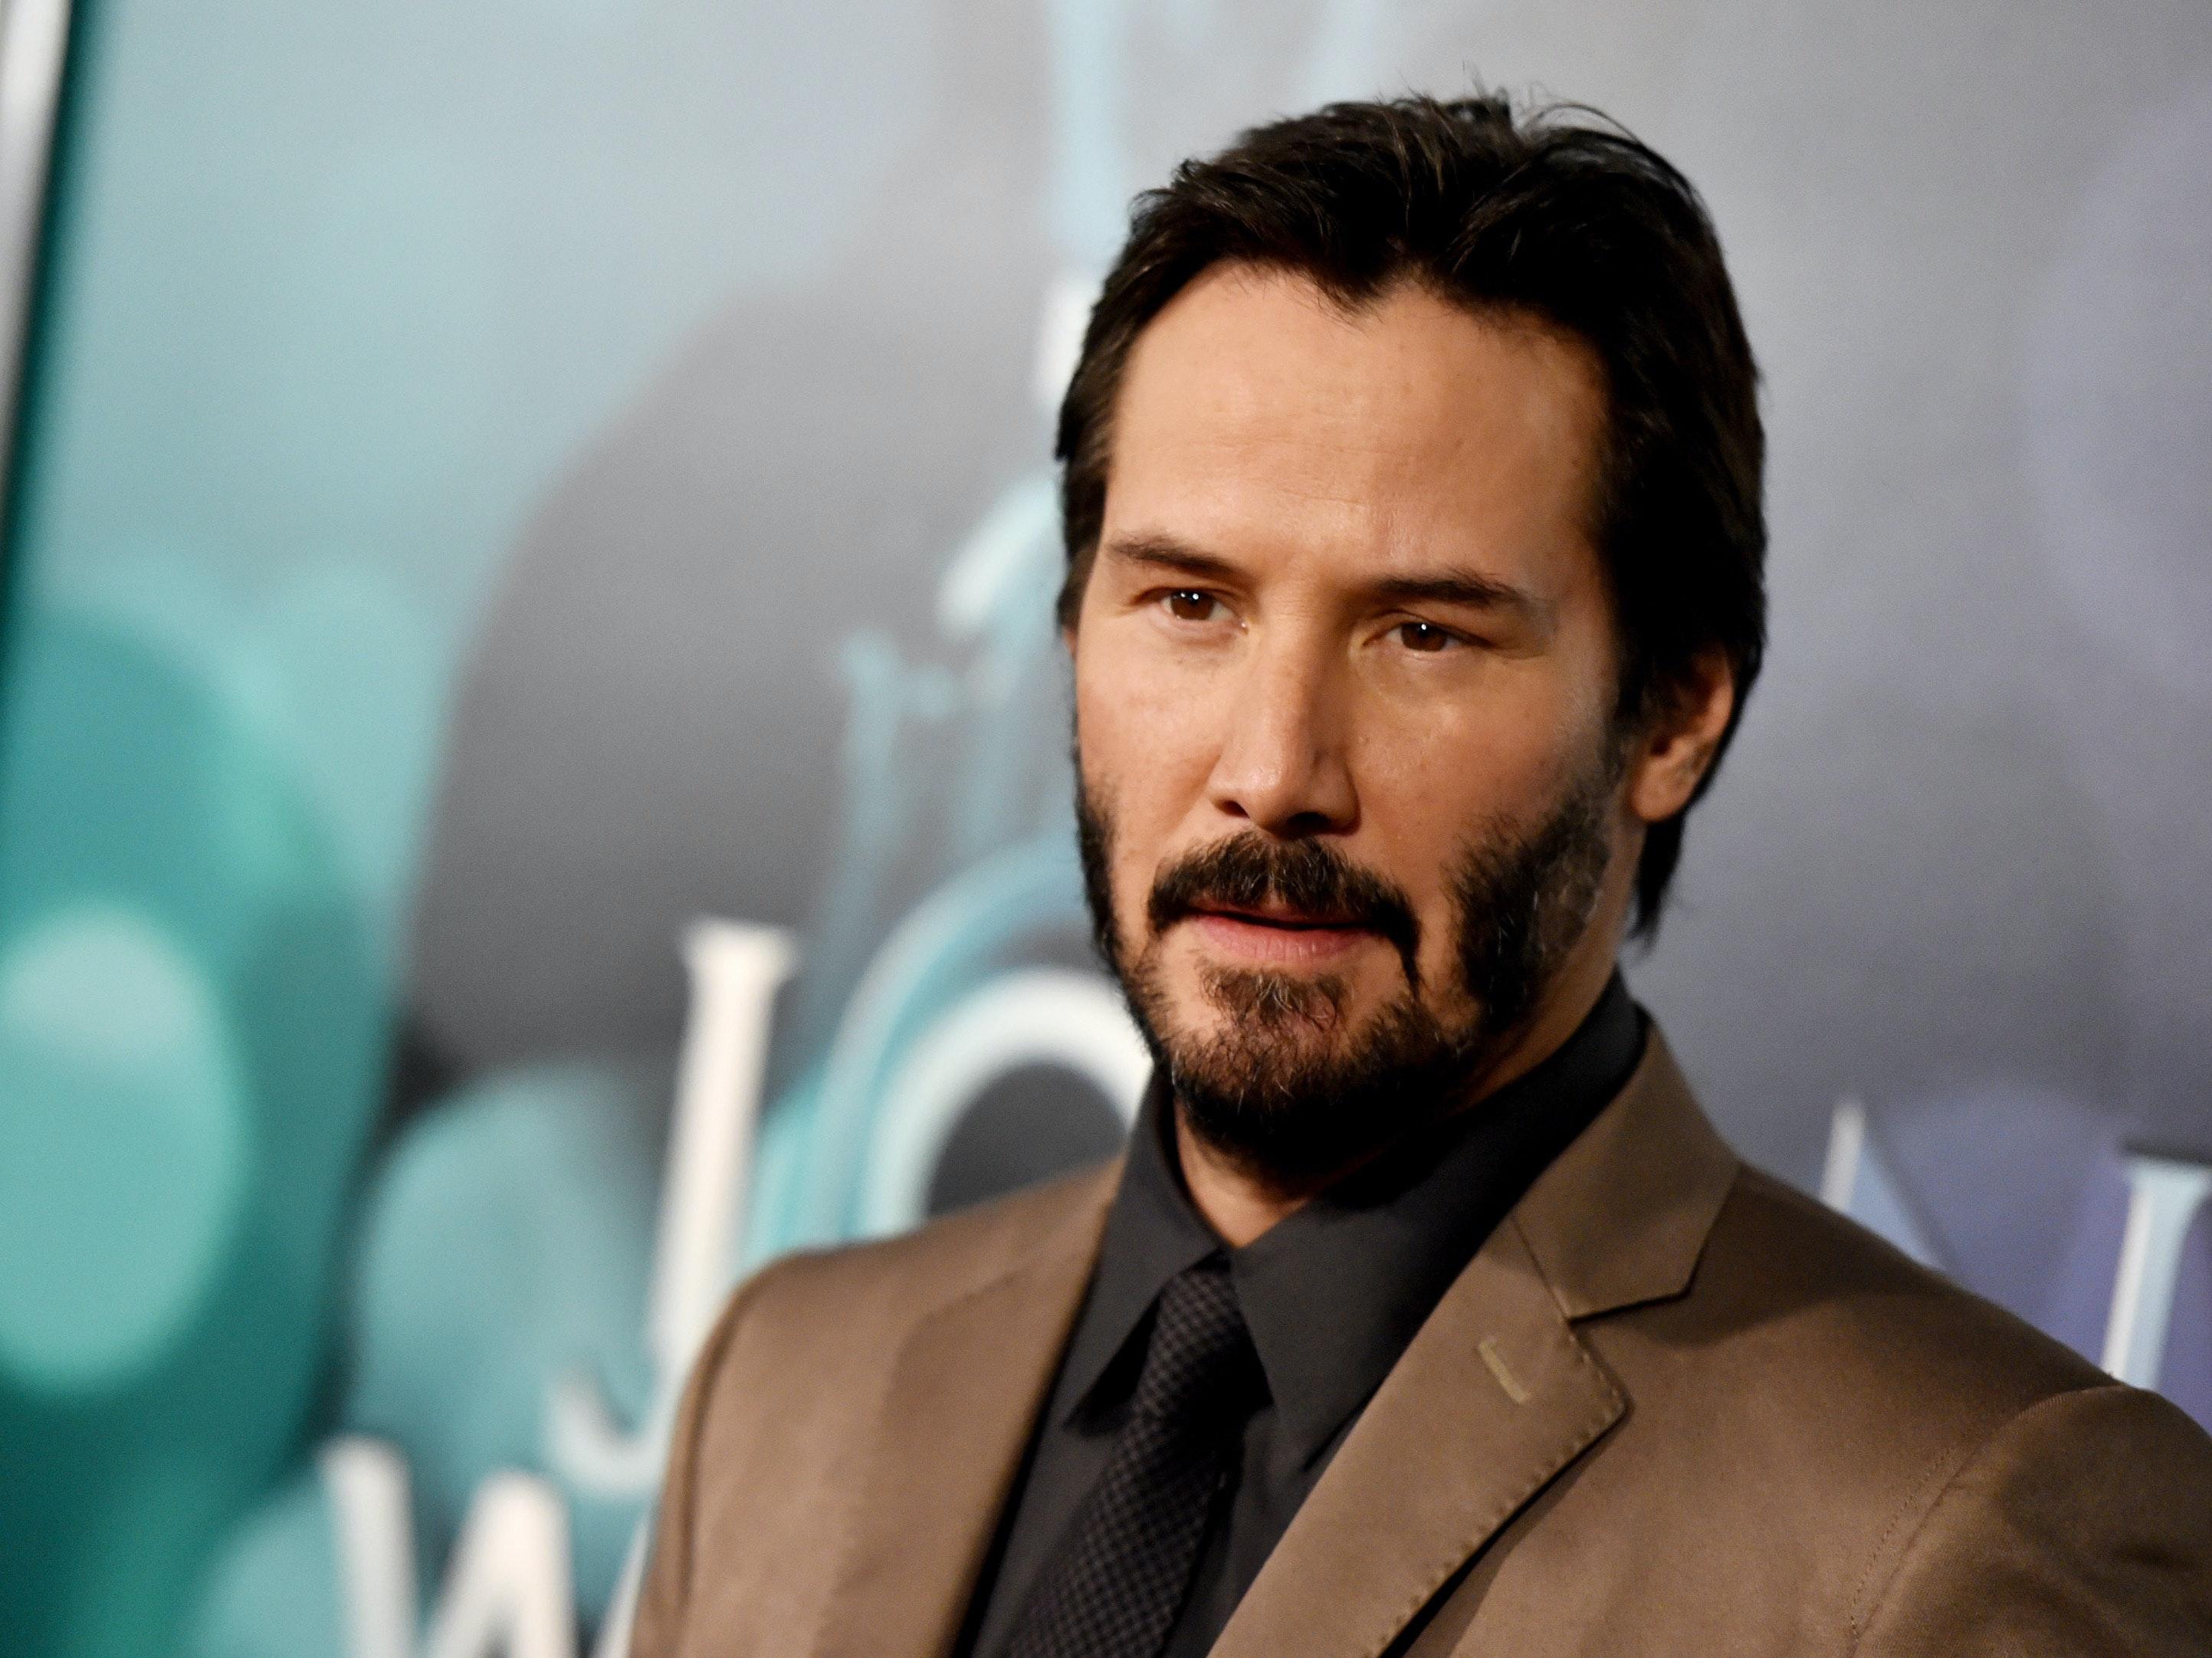 Laurence Fishburne and Keanu Reeves Reunite in 'John Wick 2' Set Photos